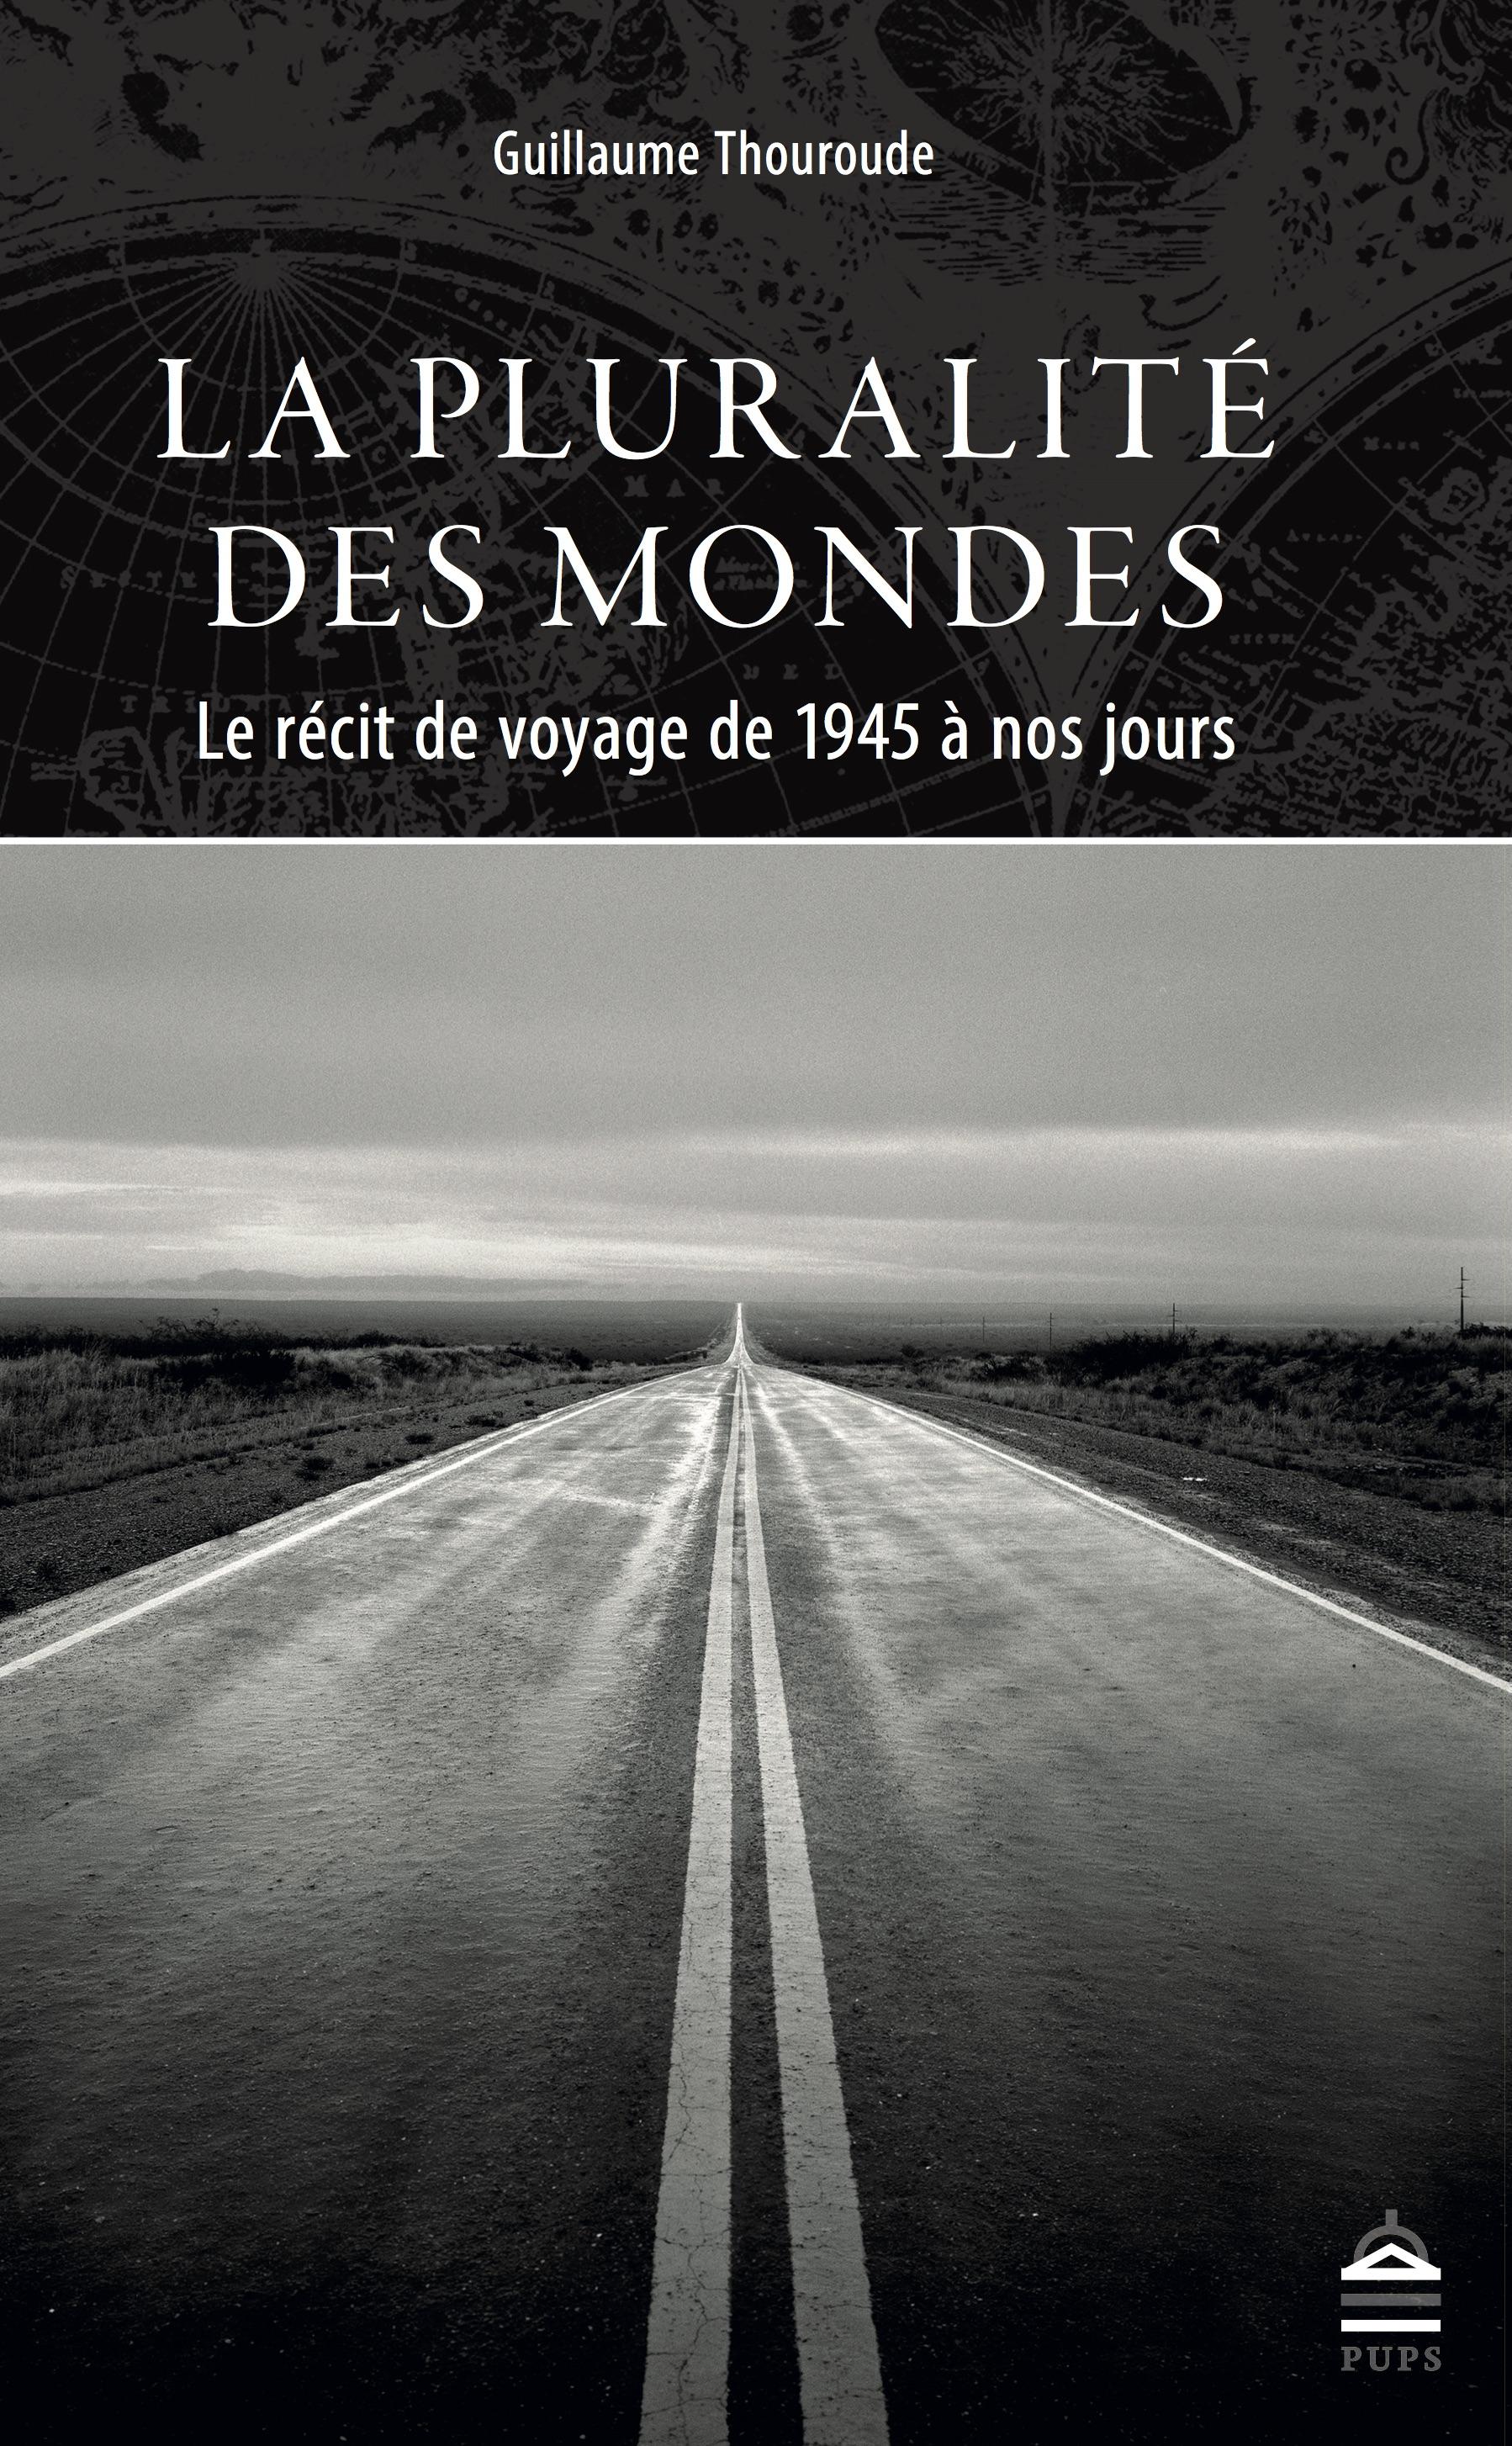 G. Thouroude, La Pluralité des mondes. Le récit de voyage de 1945 à nos jours